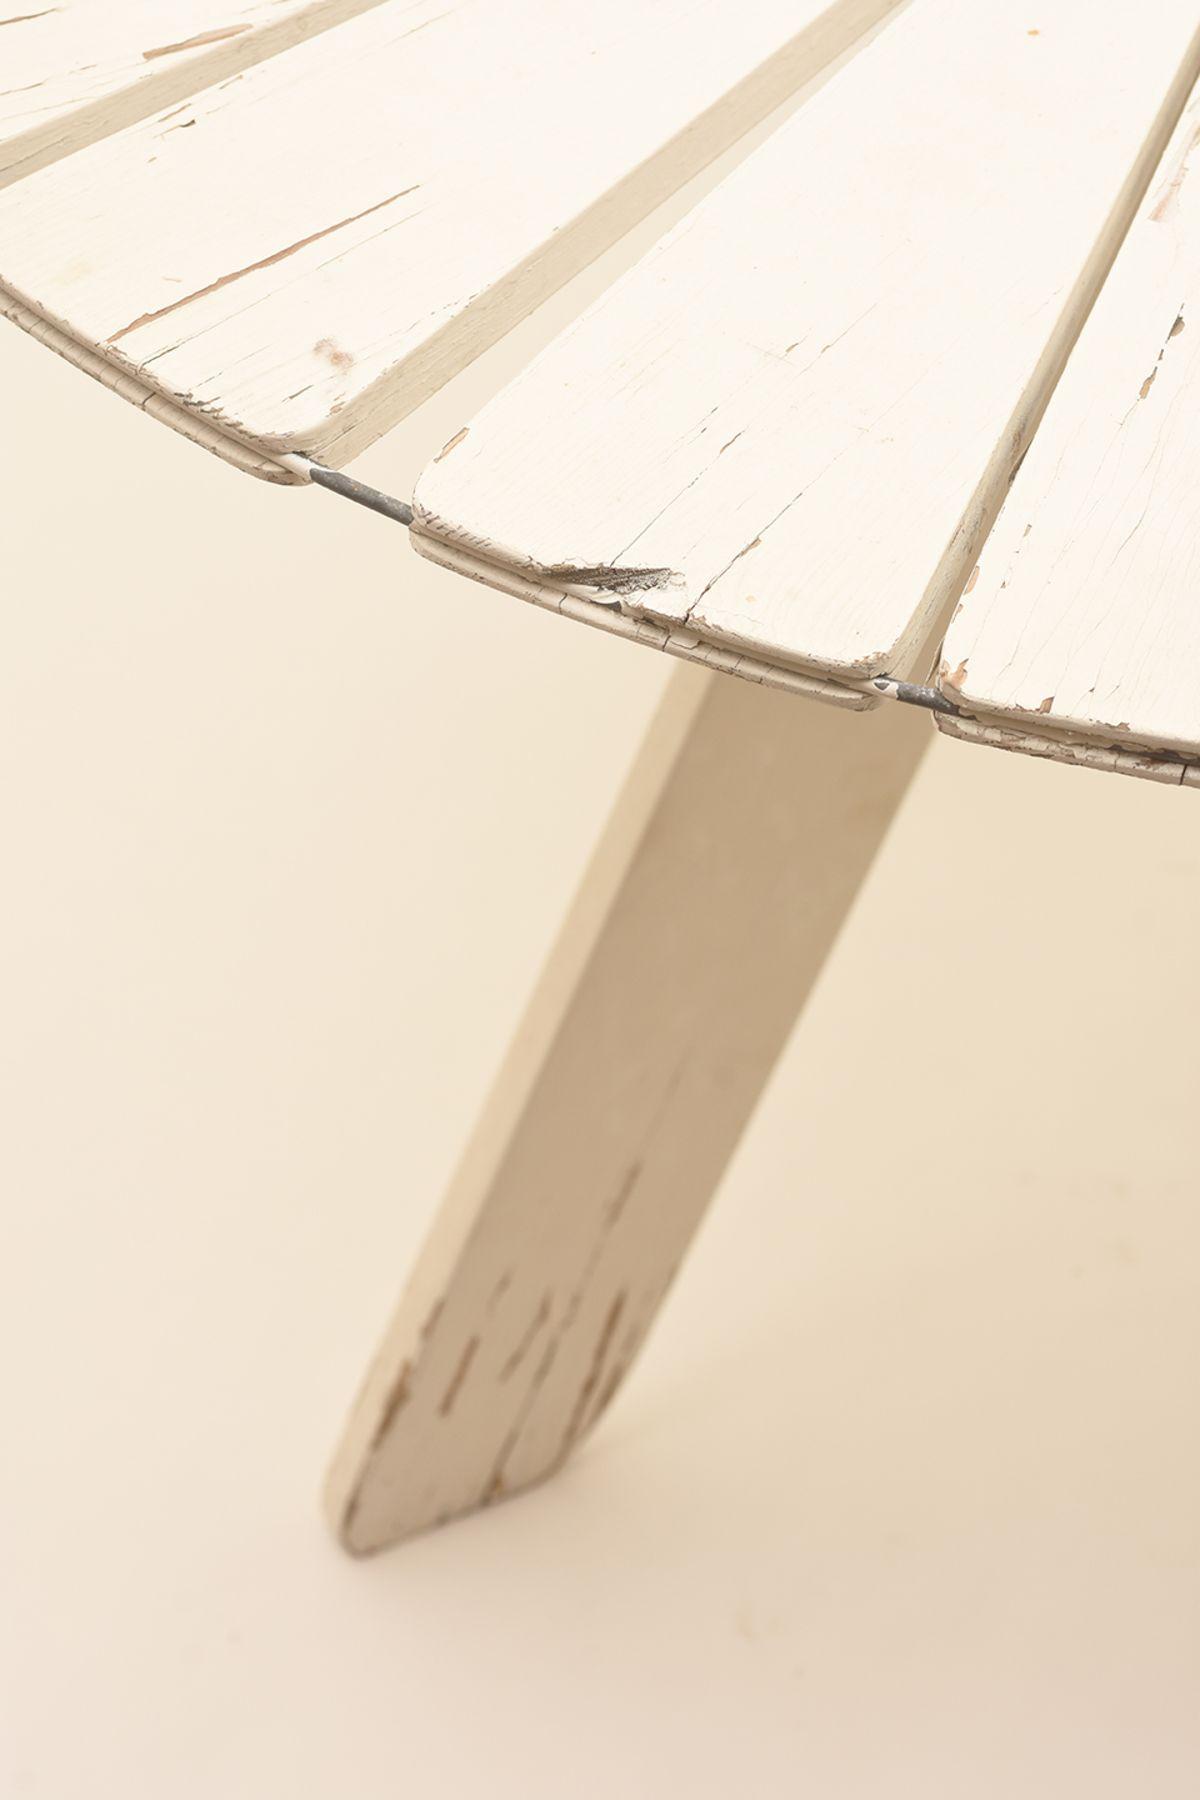 Alvar-Aalto_Sunflower-Garden-Table_Detail-01